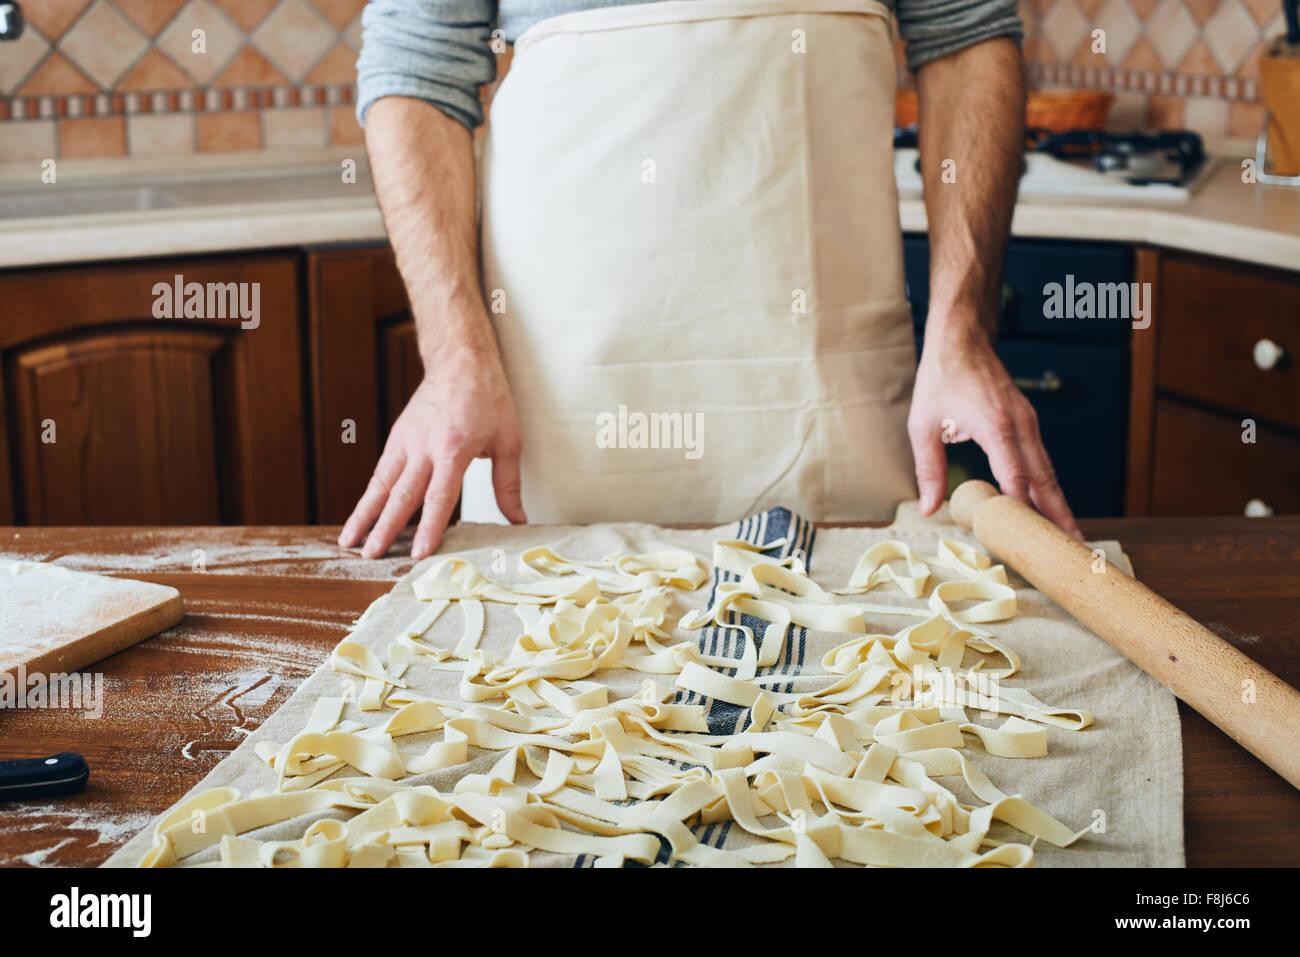 Making pasta - Stock Image